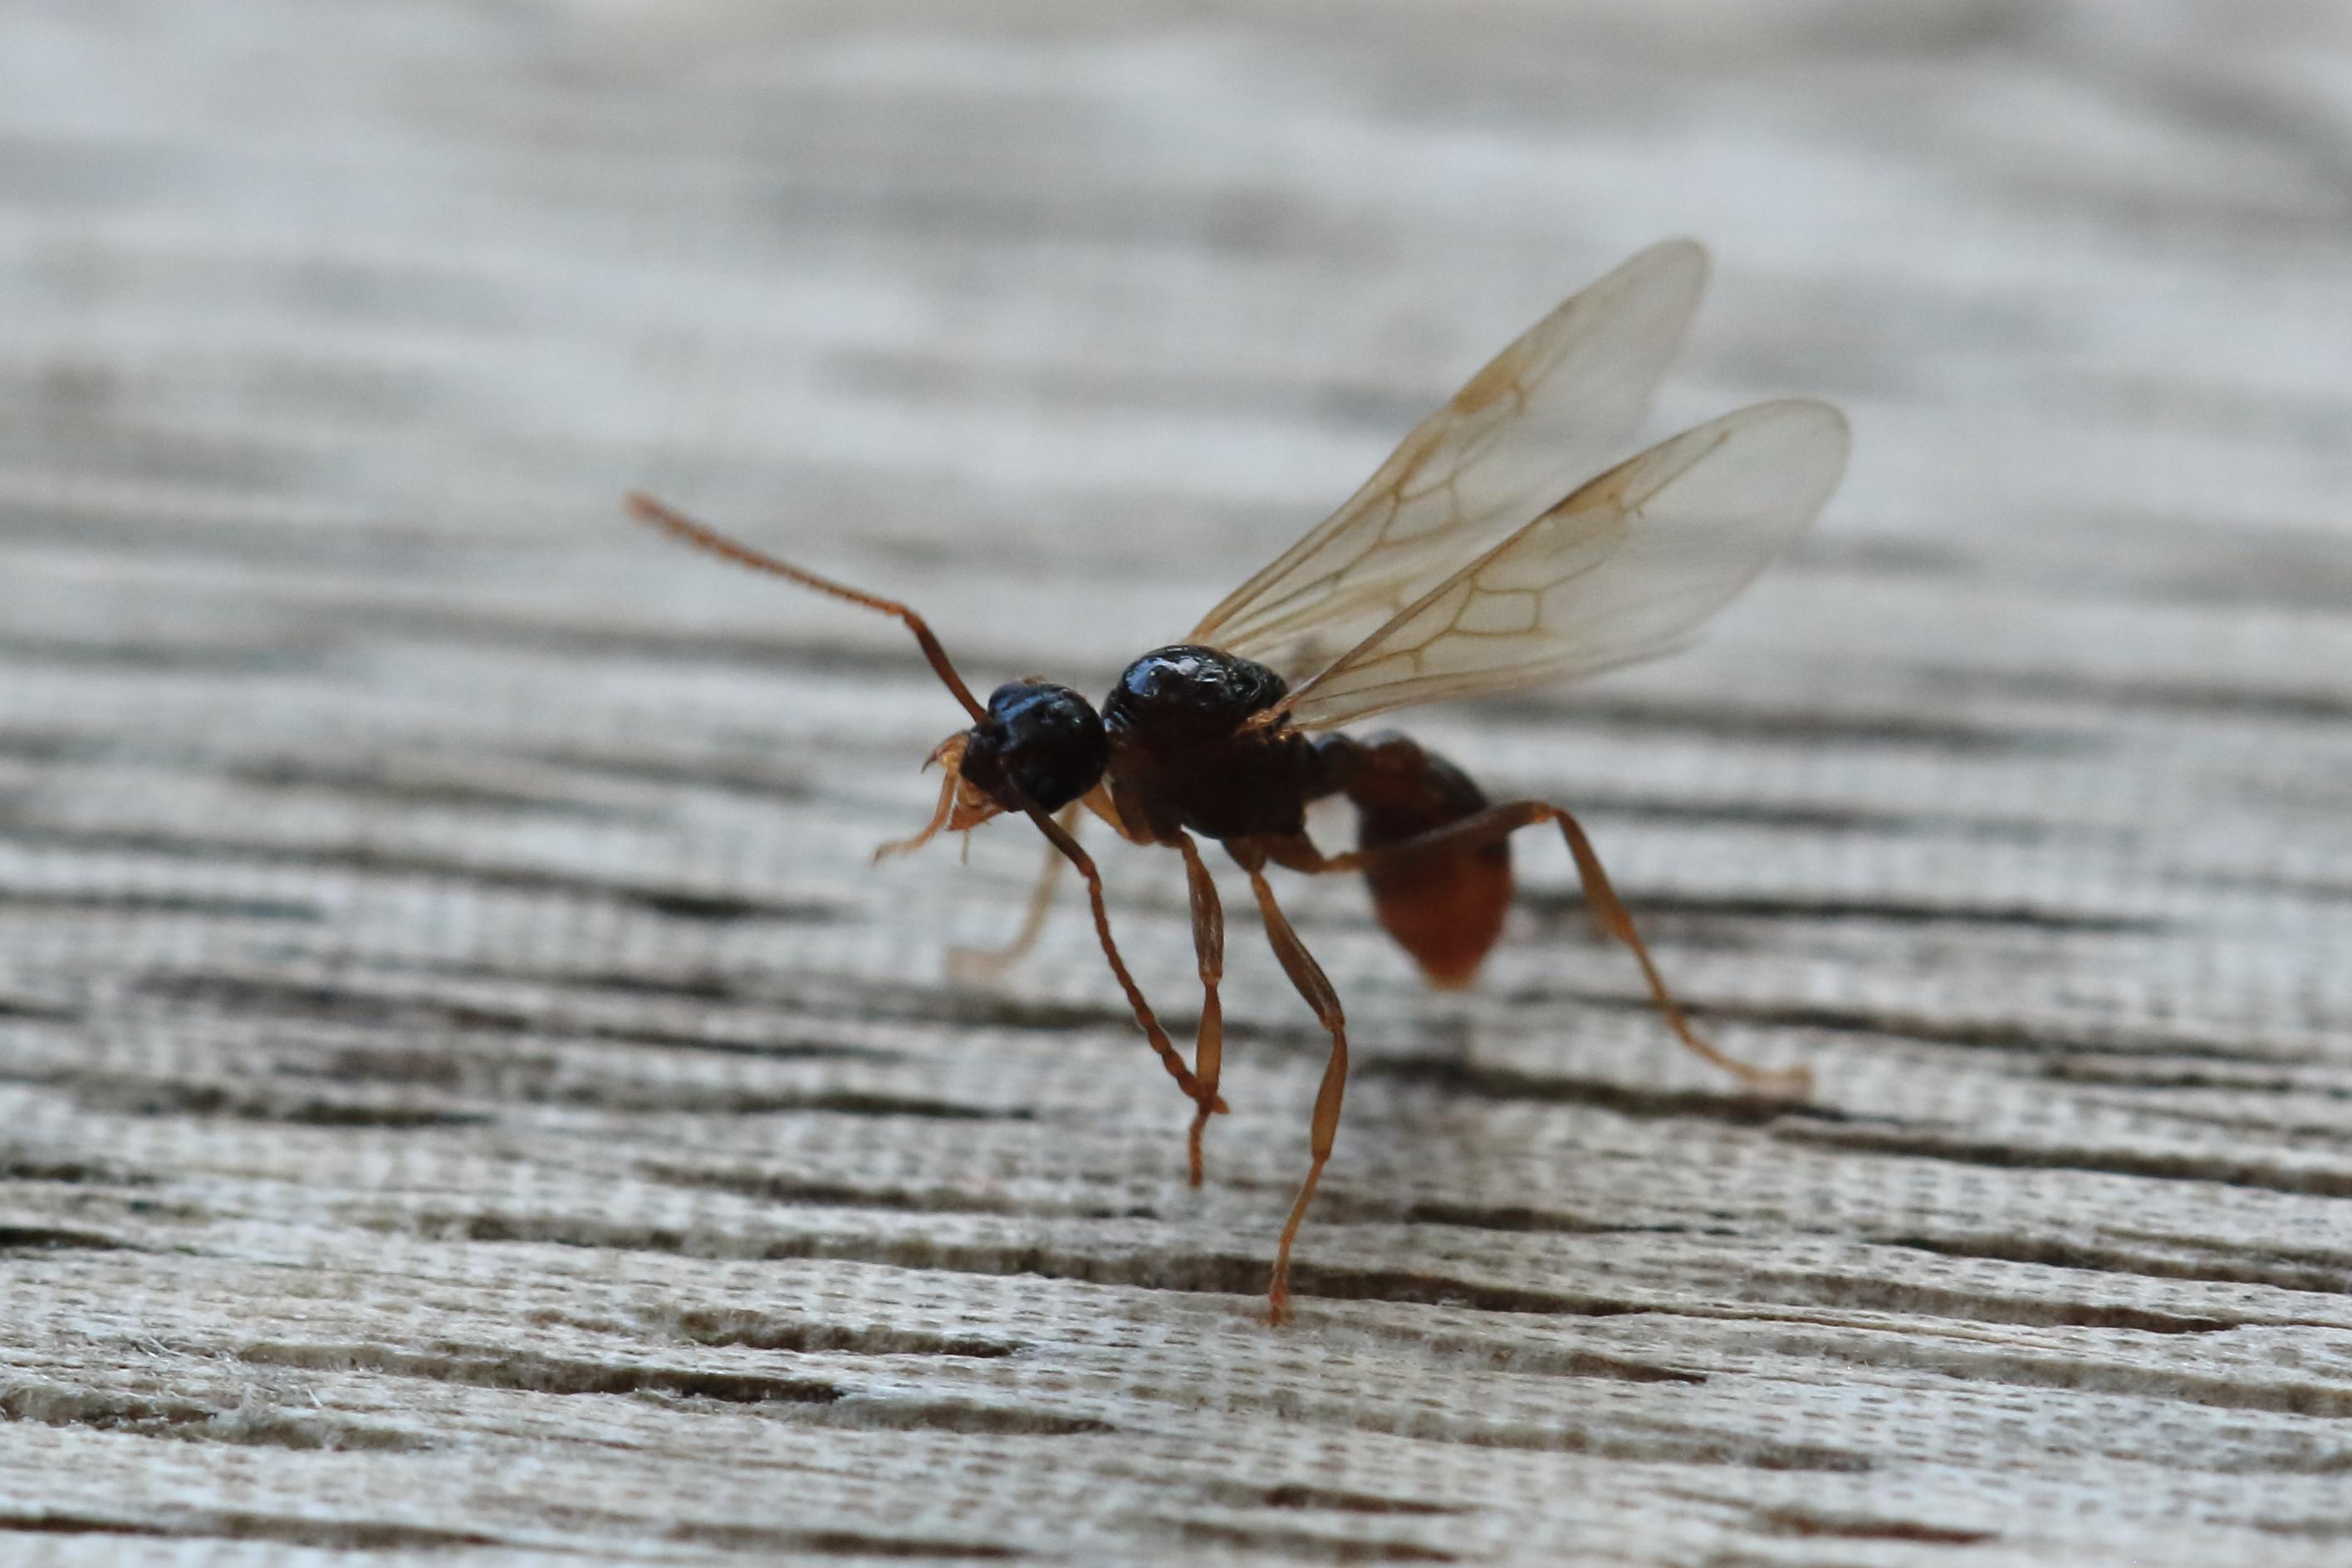 Häufig Datei:Fliegende Ameise 6909.jpg – Wikipedia DN72